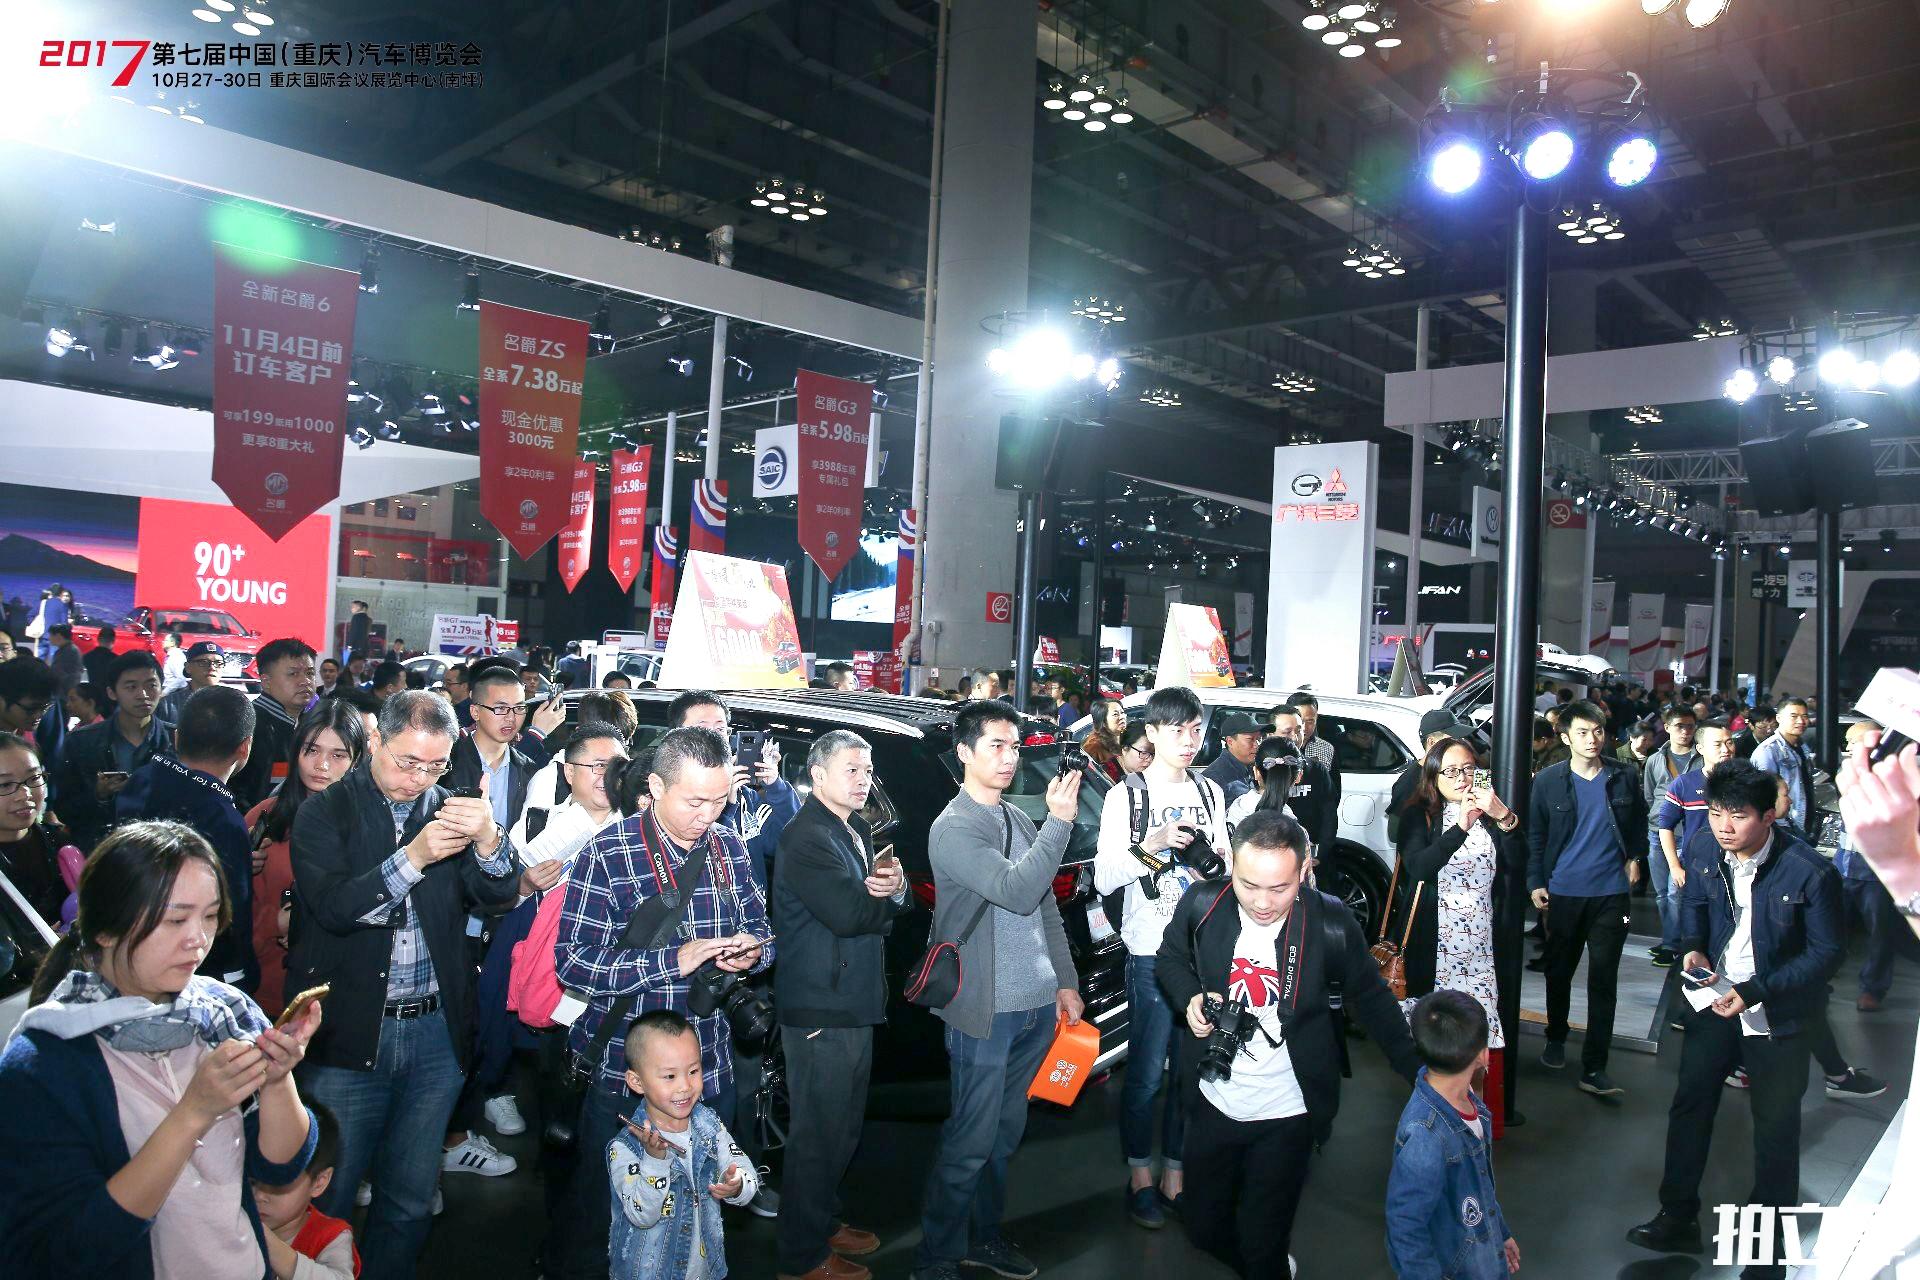 聚焦山城 2018第八届中国(重庆)汽车博览会扬帆起航